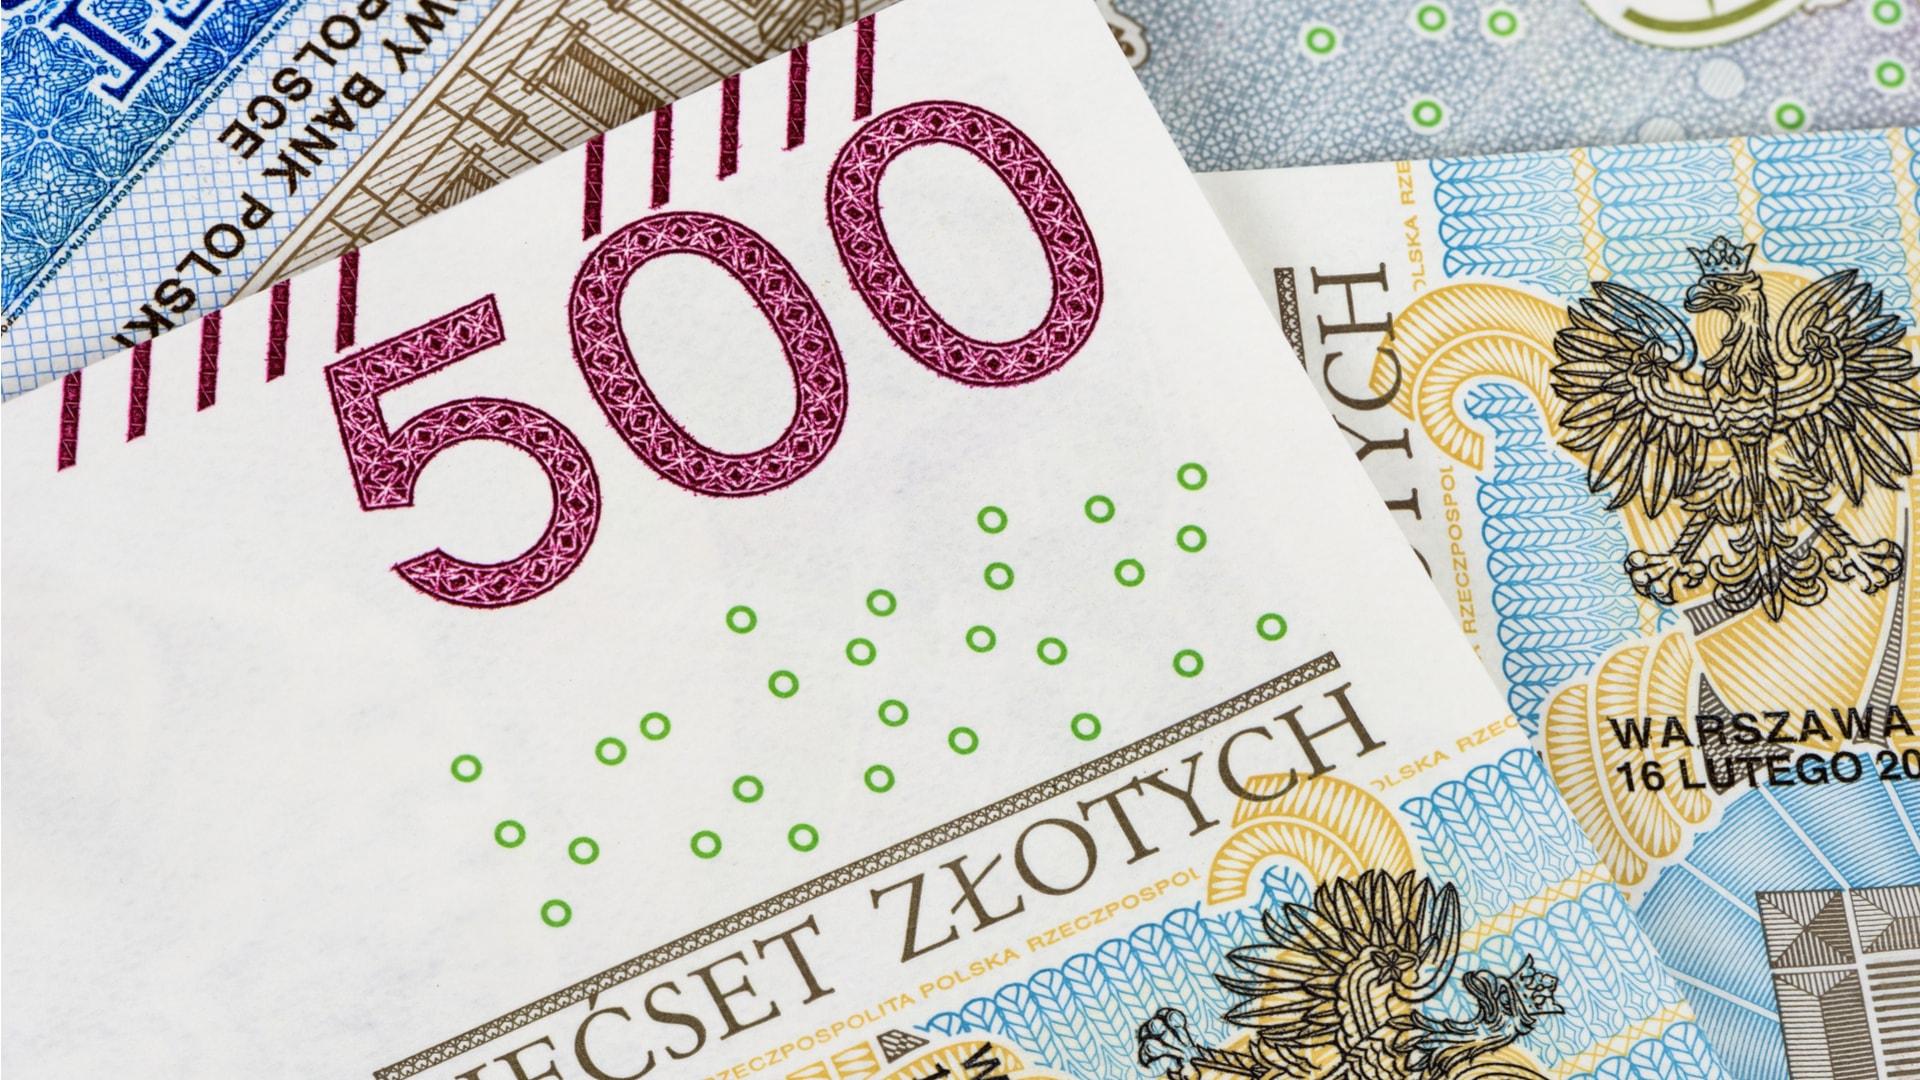 99 urteko bizitzak aurrezki lapurtu ditu (4 mila.  zł).  Interneteko erabiltzaileek 535.000 lagun bildu dituzte  zł!